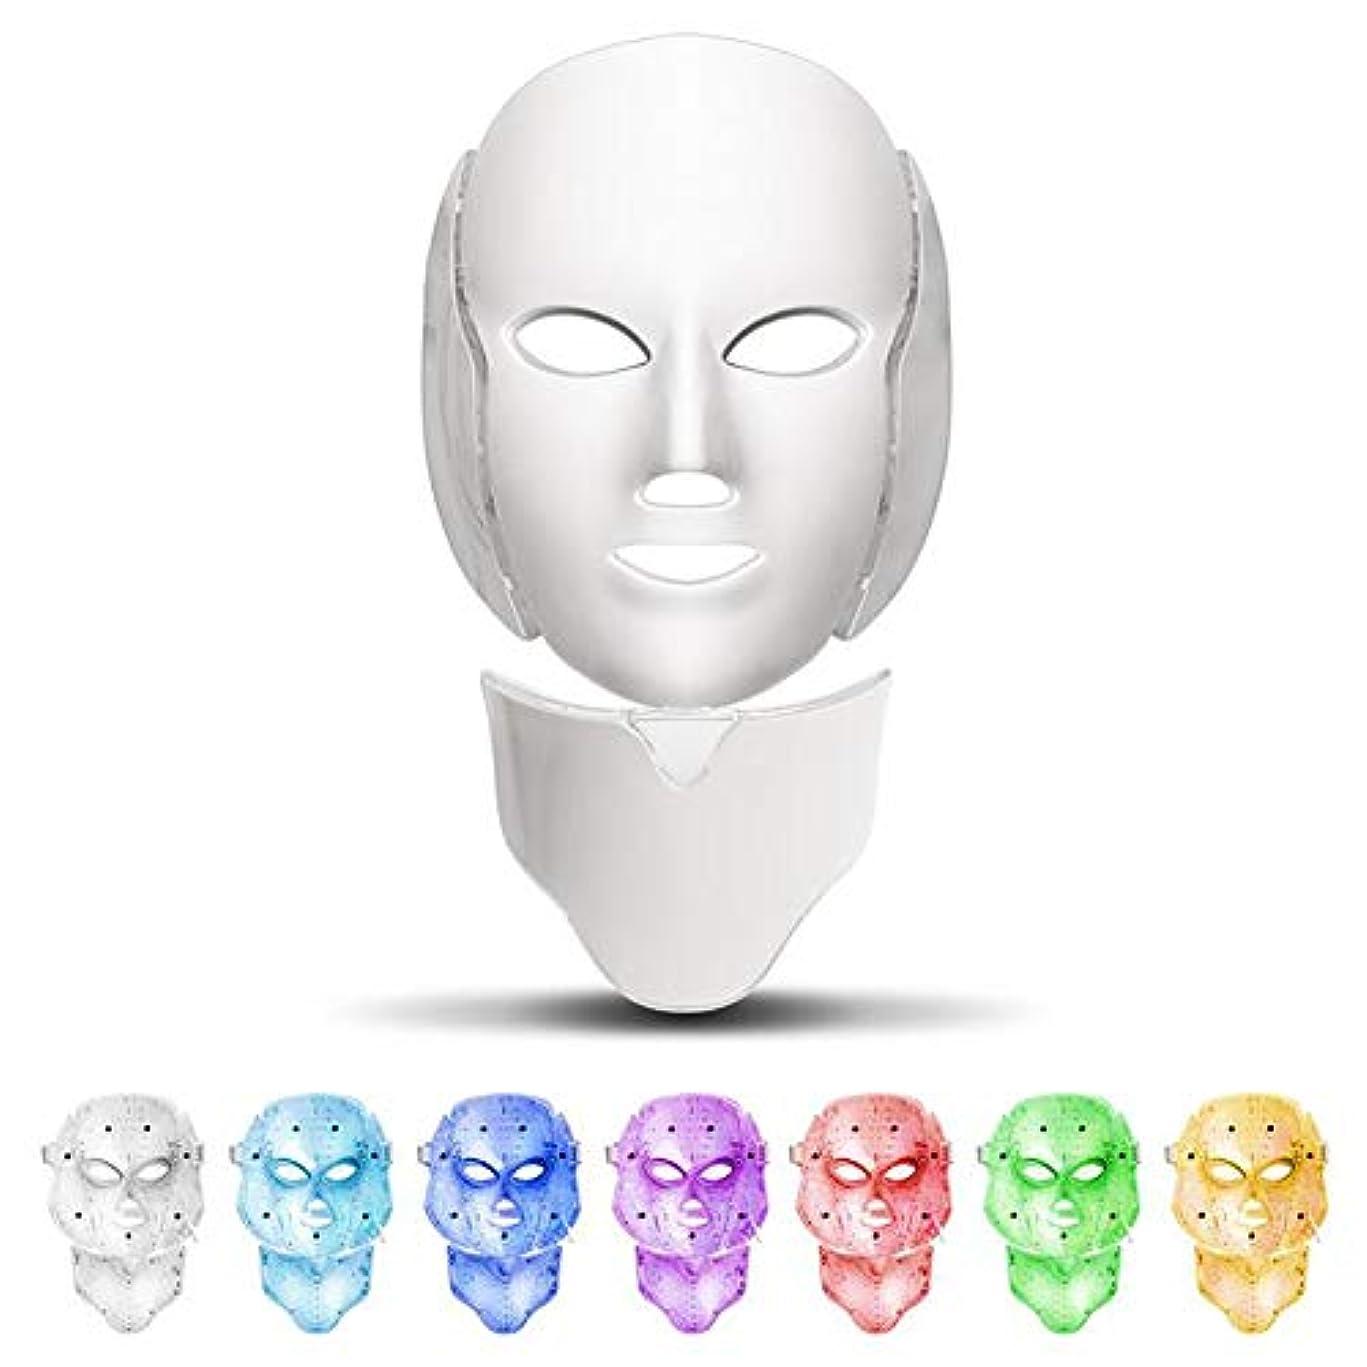 敬礼シャット産地7色フェイシャルマスク、顔と首ネオン輝くLEDフェイスマスク電気顔スキンケア顔肌美容